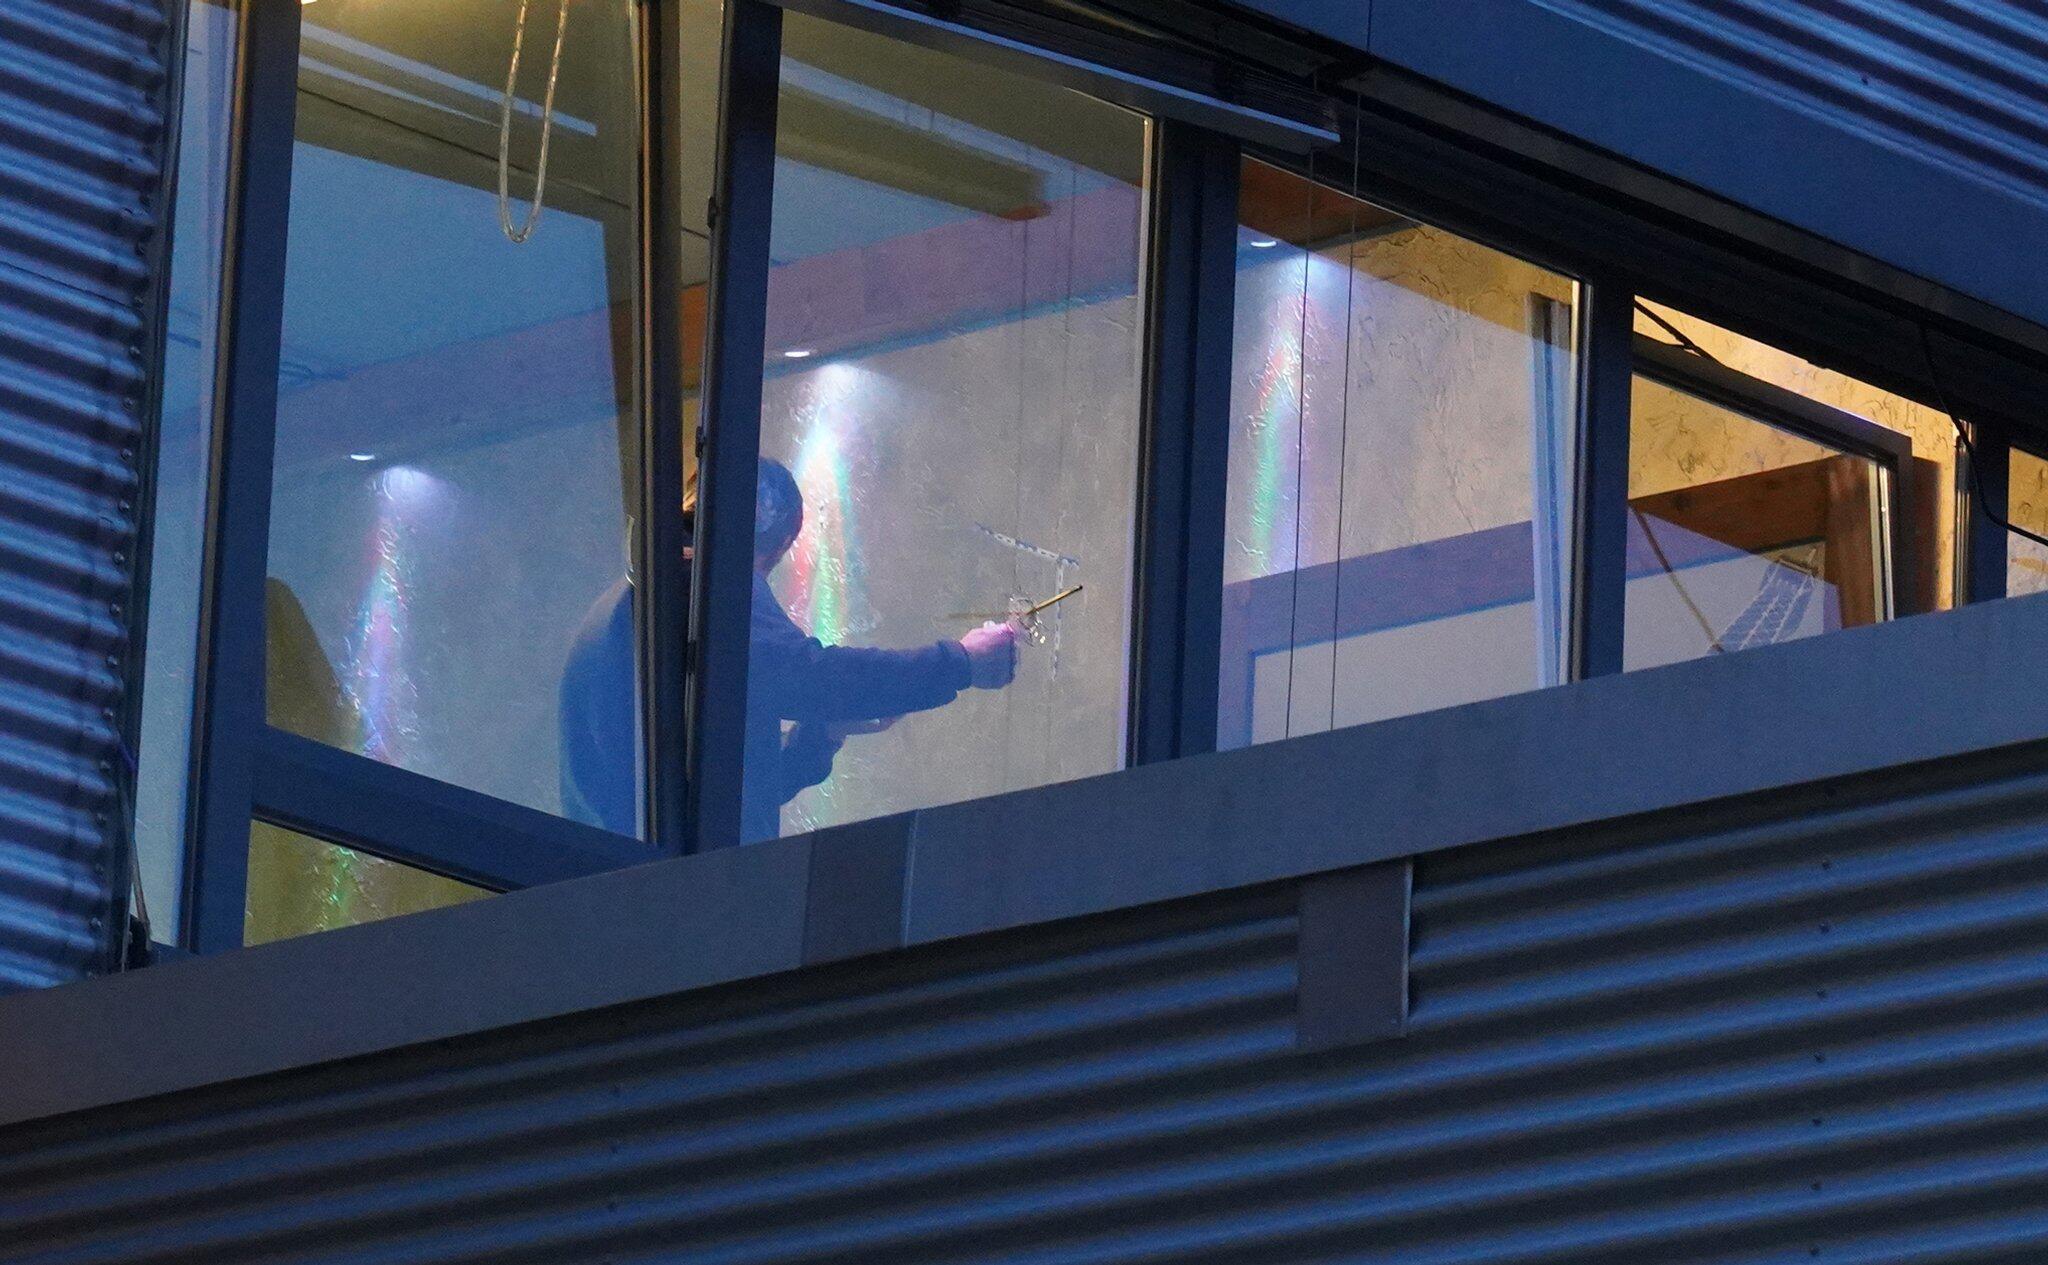 Bild zu Unbekannte schießen auf Fenster vonShisha-Bar inStuttgart